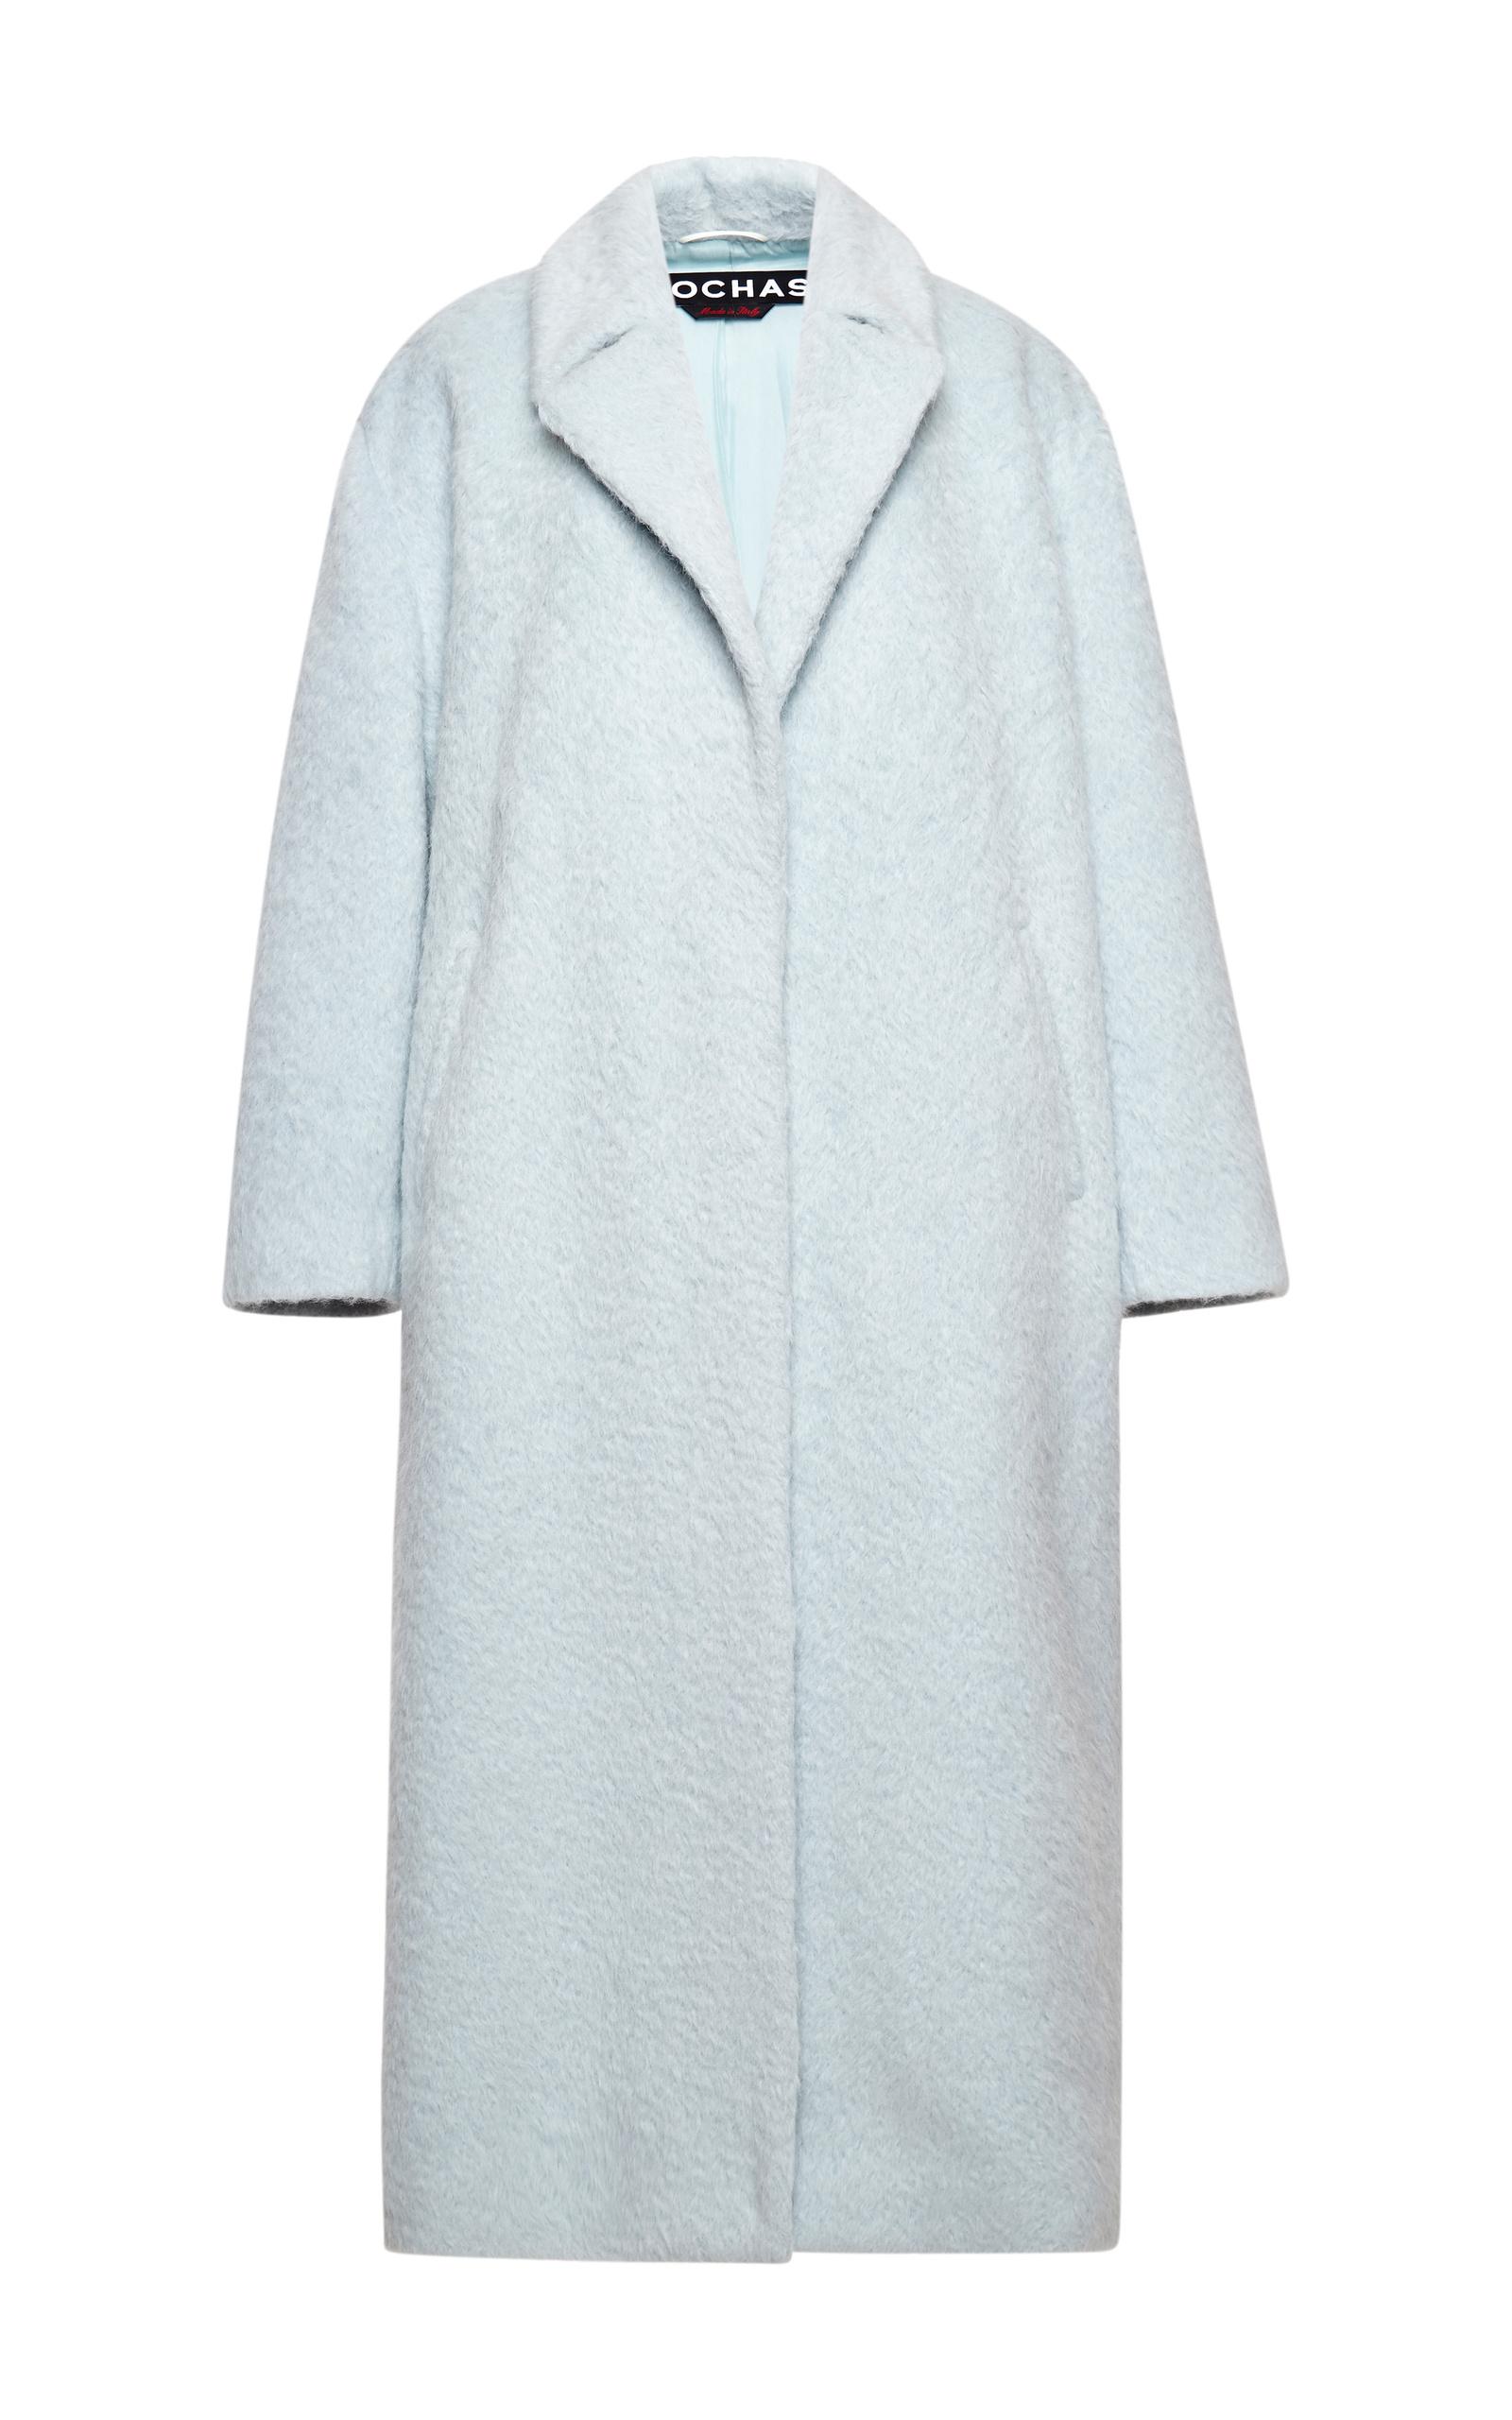 Pale Blue Wool Alpaca Coat by Rochas | Moda Operandi